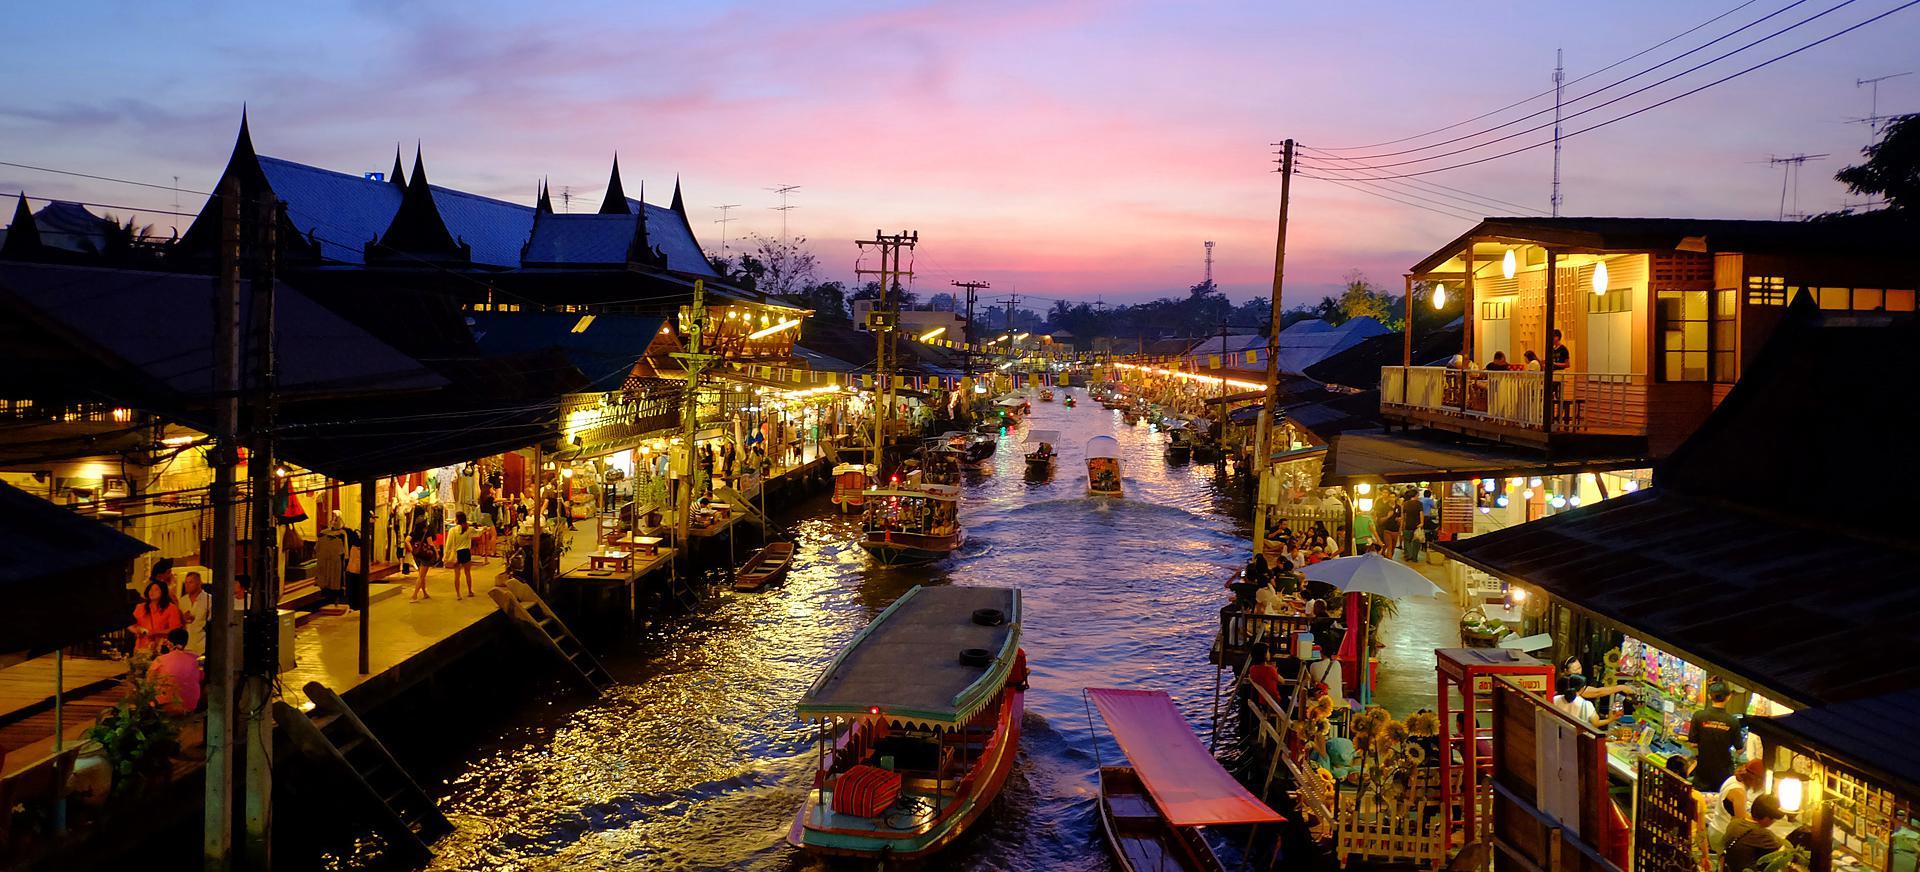 ตลาดน้ำอัมพวา ยามตะวันพลบค่ำ